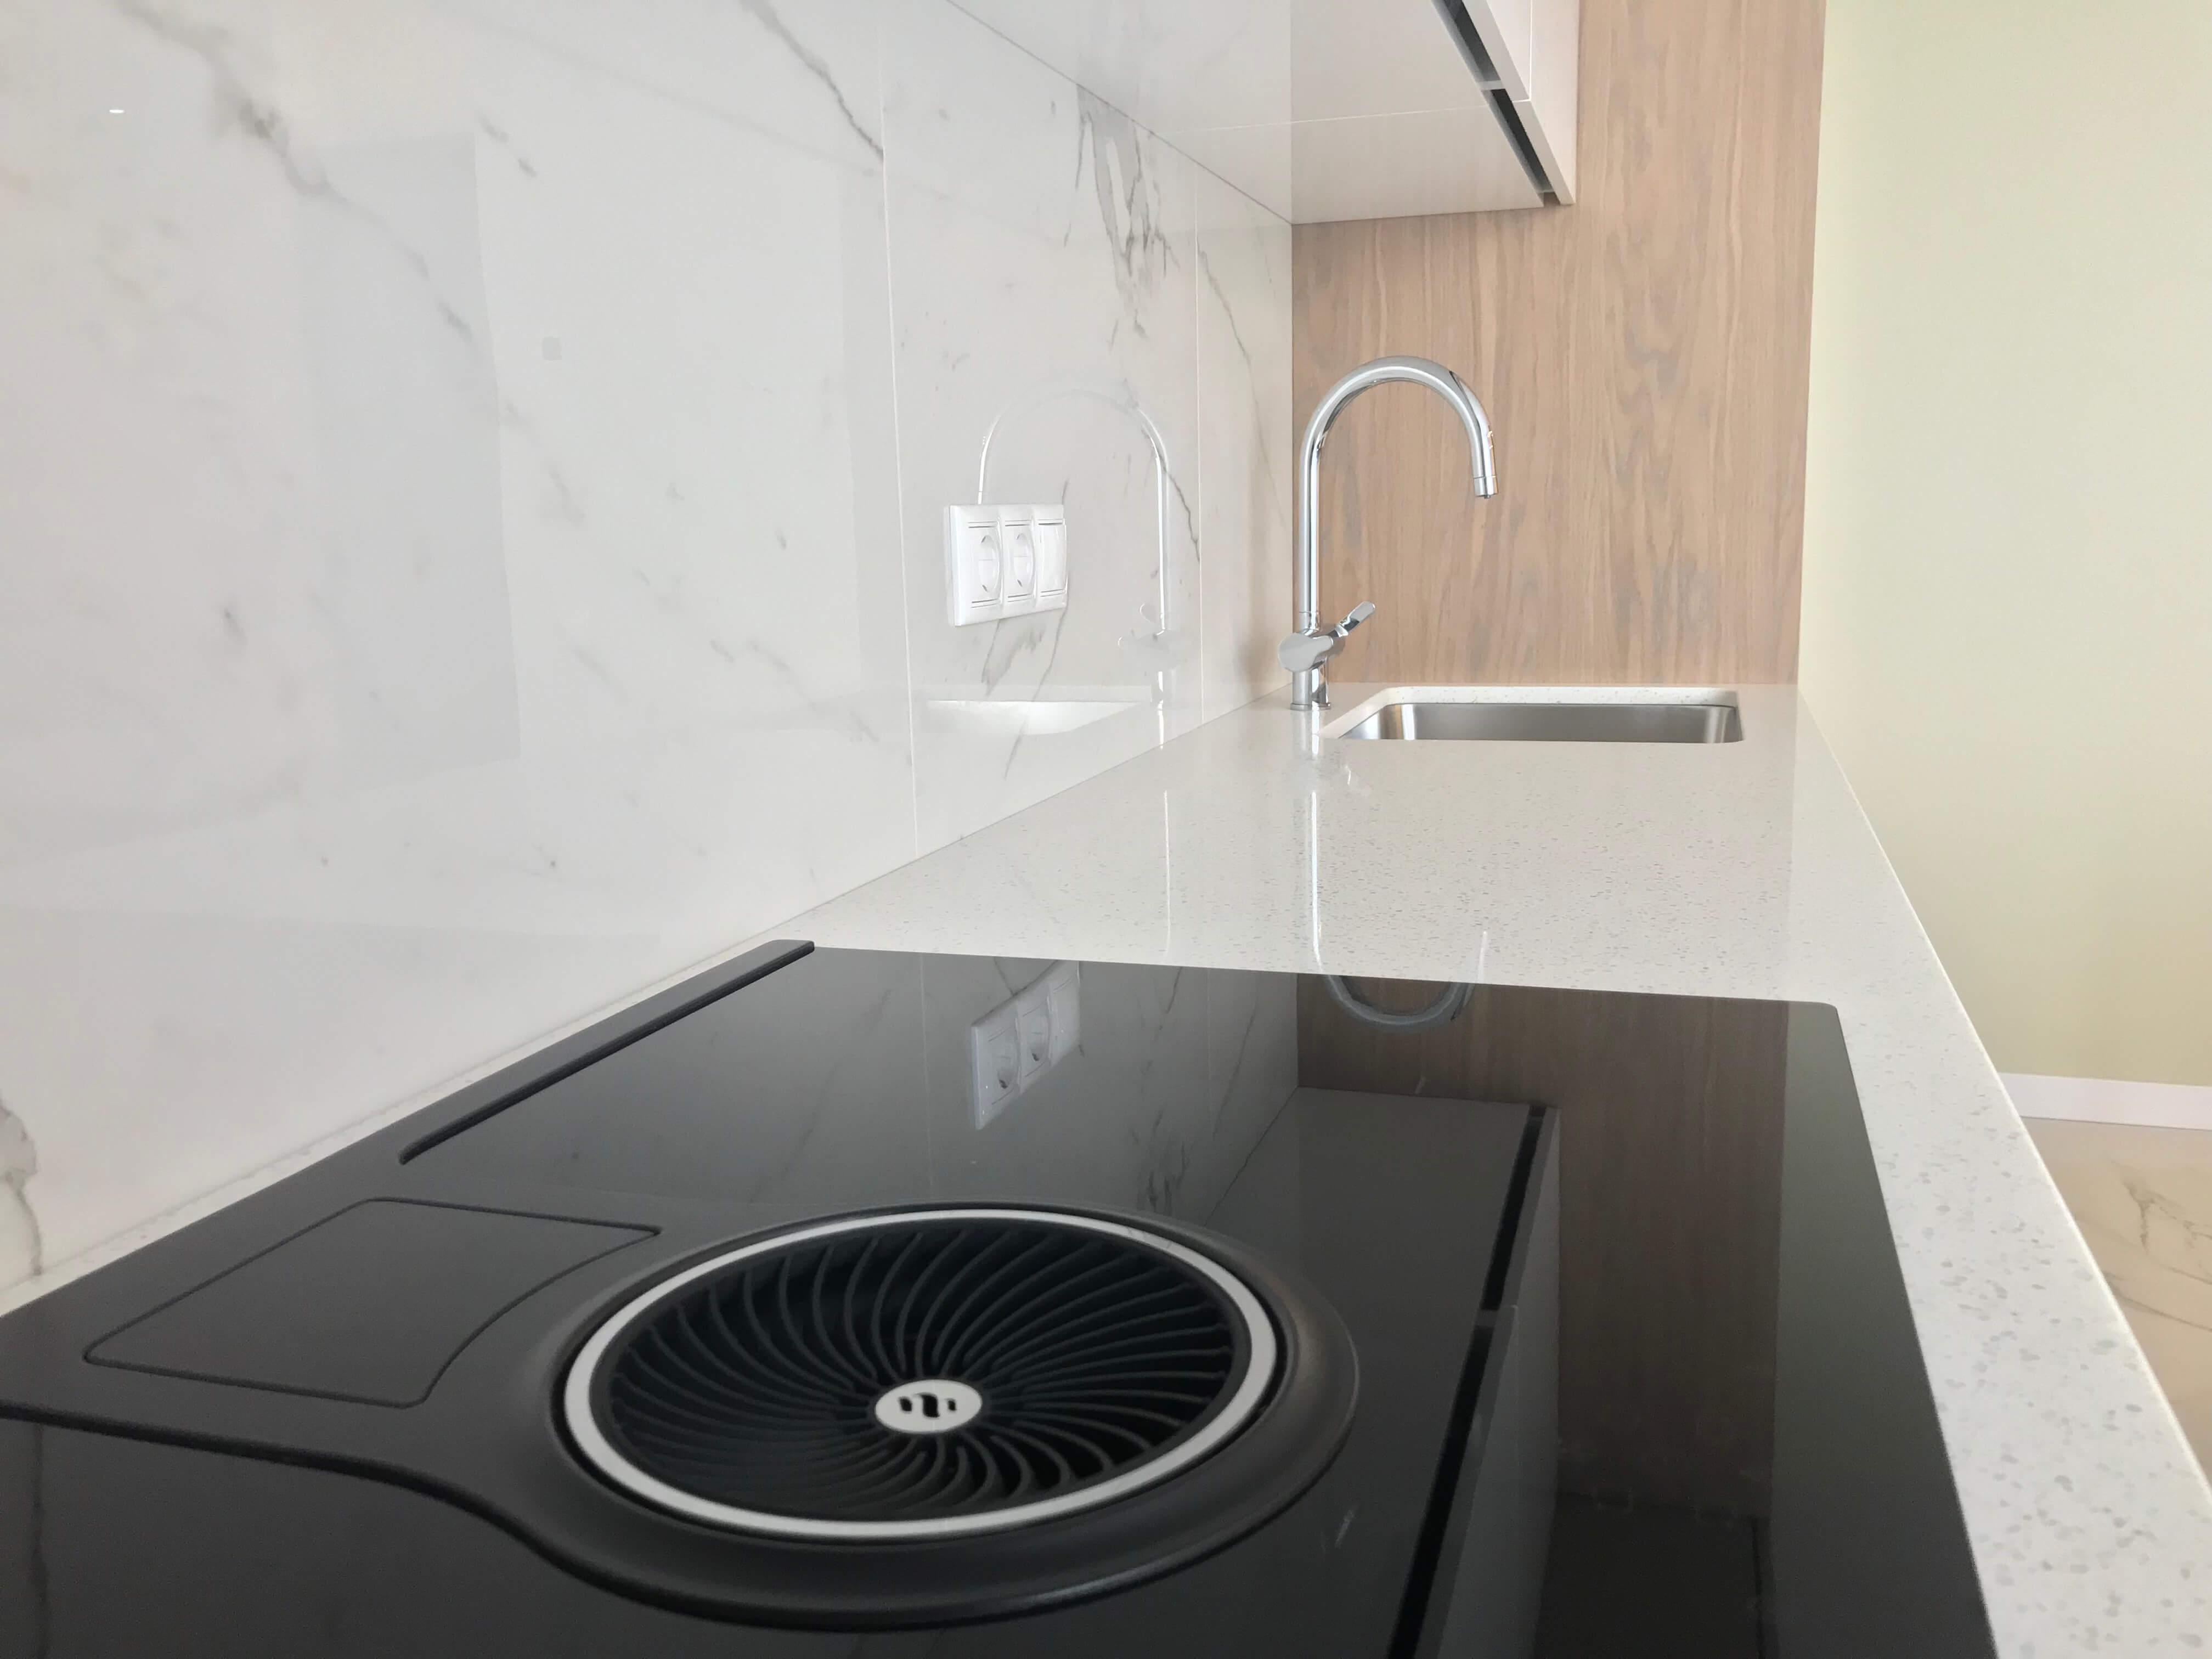 Варочная поверхность в кухне